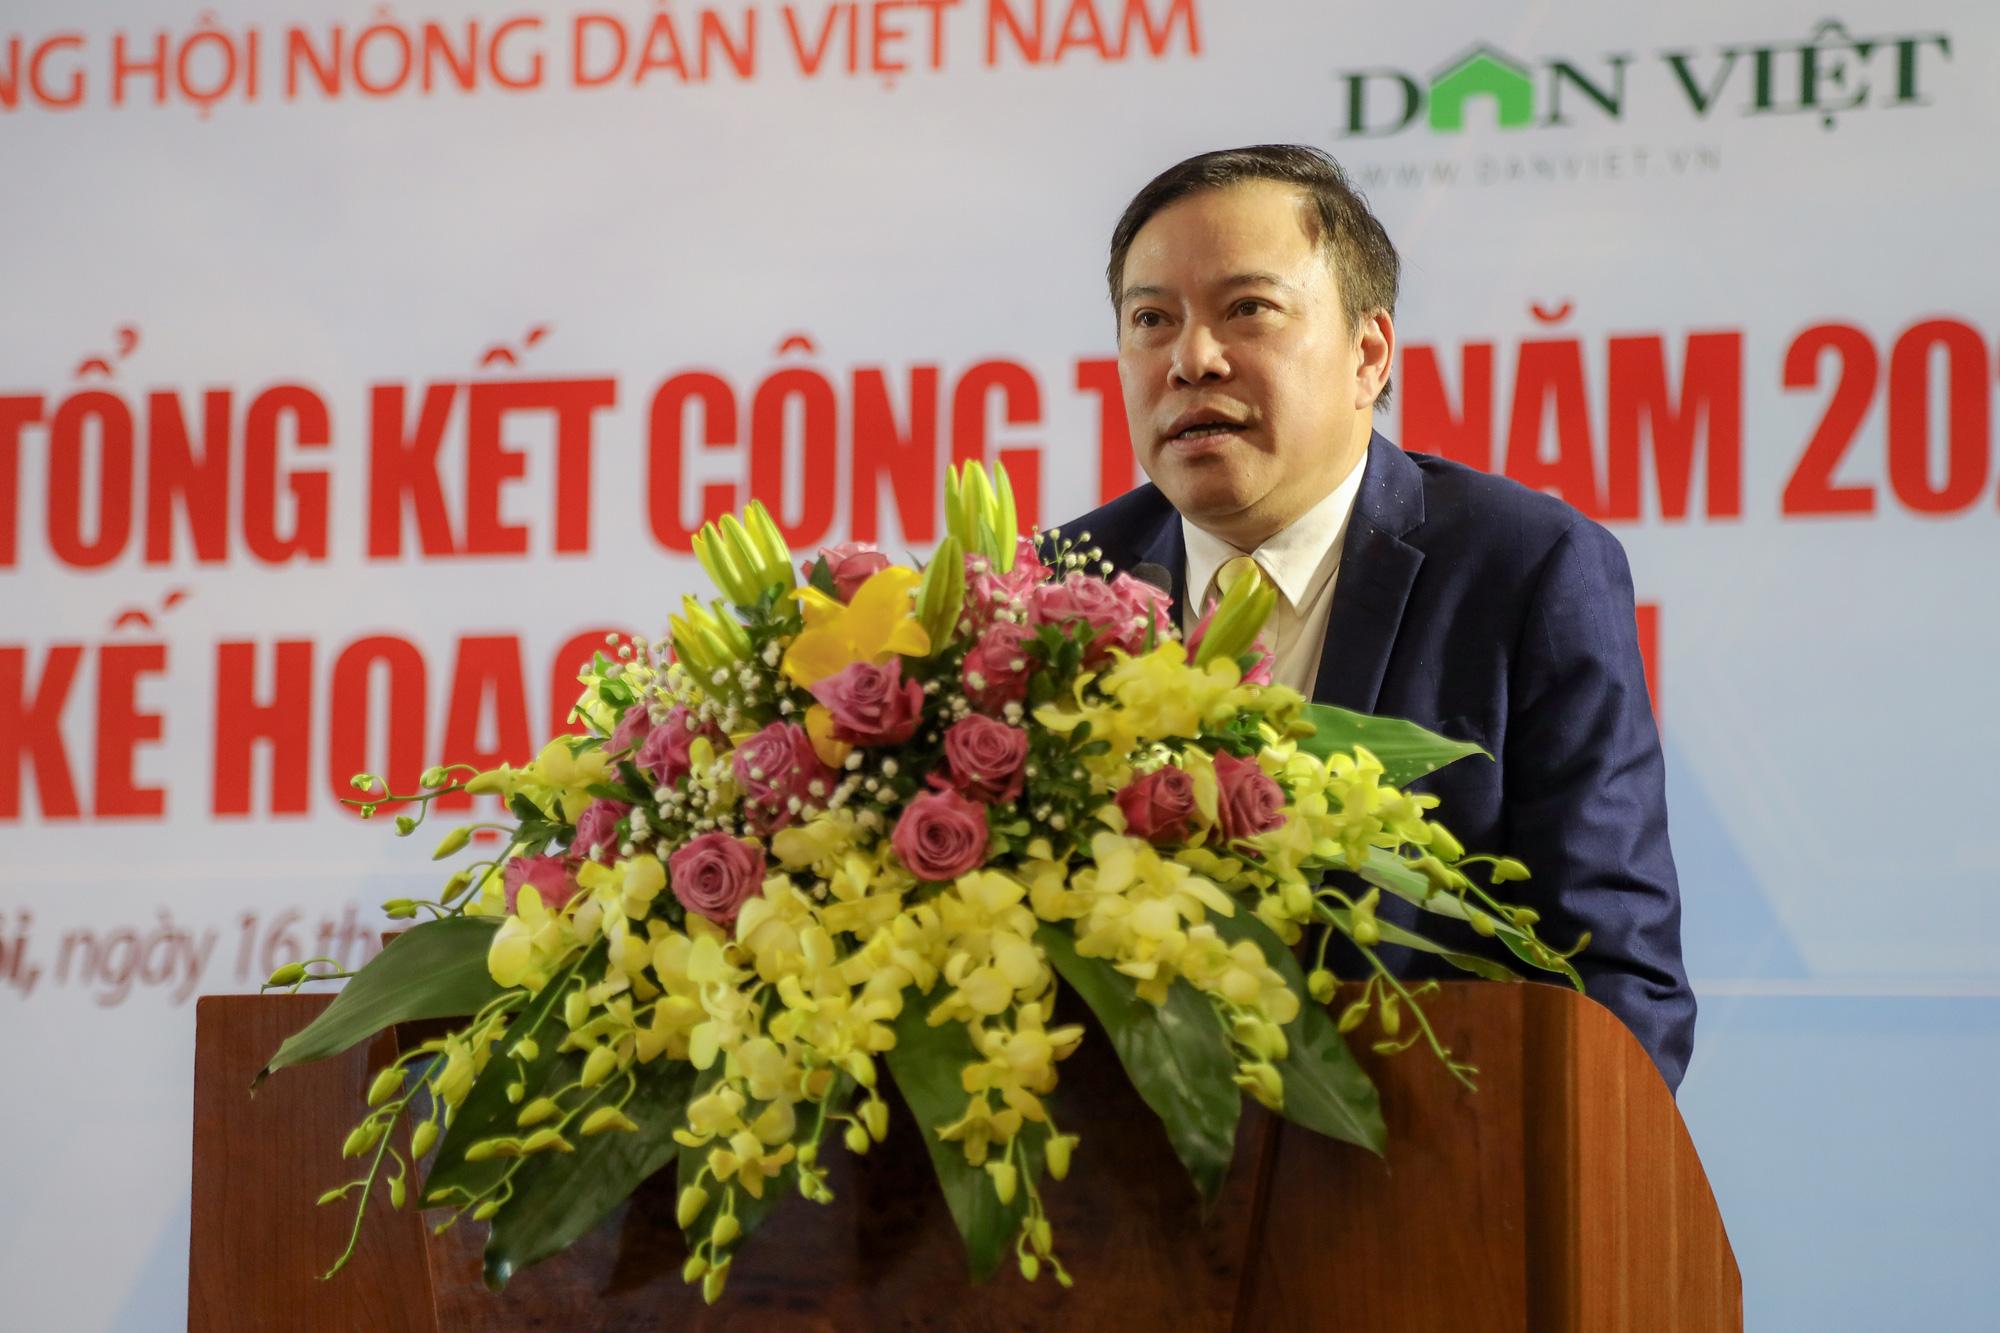 Phó Chủ tịch T.Ư Hội NDVN: Báo NTNN sát cánh, đồng hành cùng nông dân trên mọi nẻo đường - Ảnh 4.